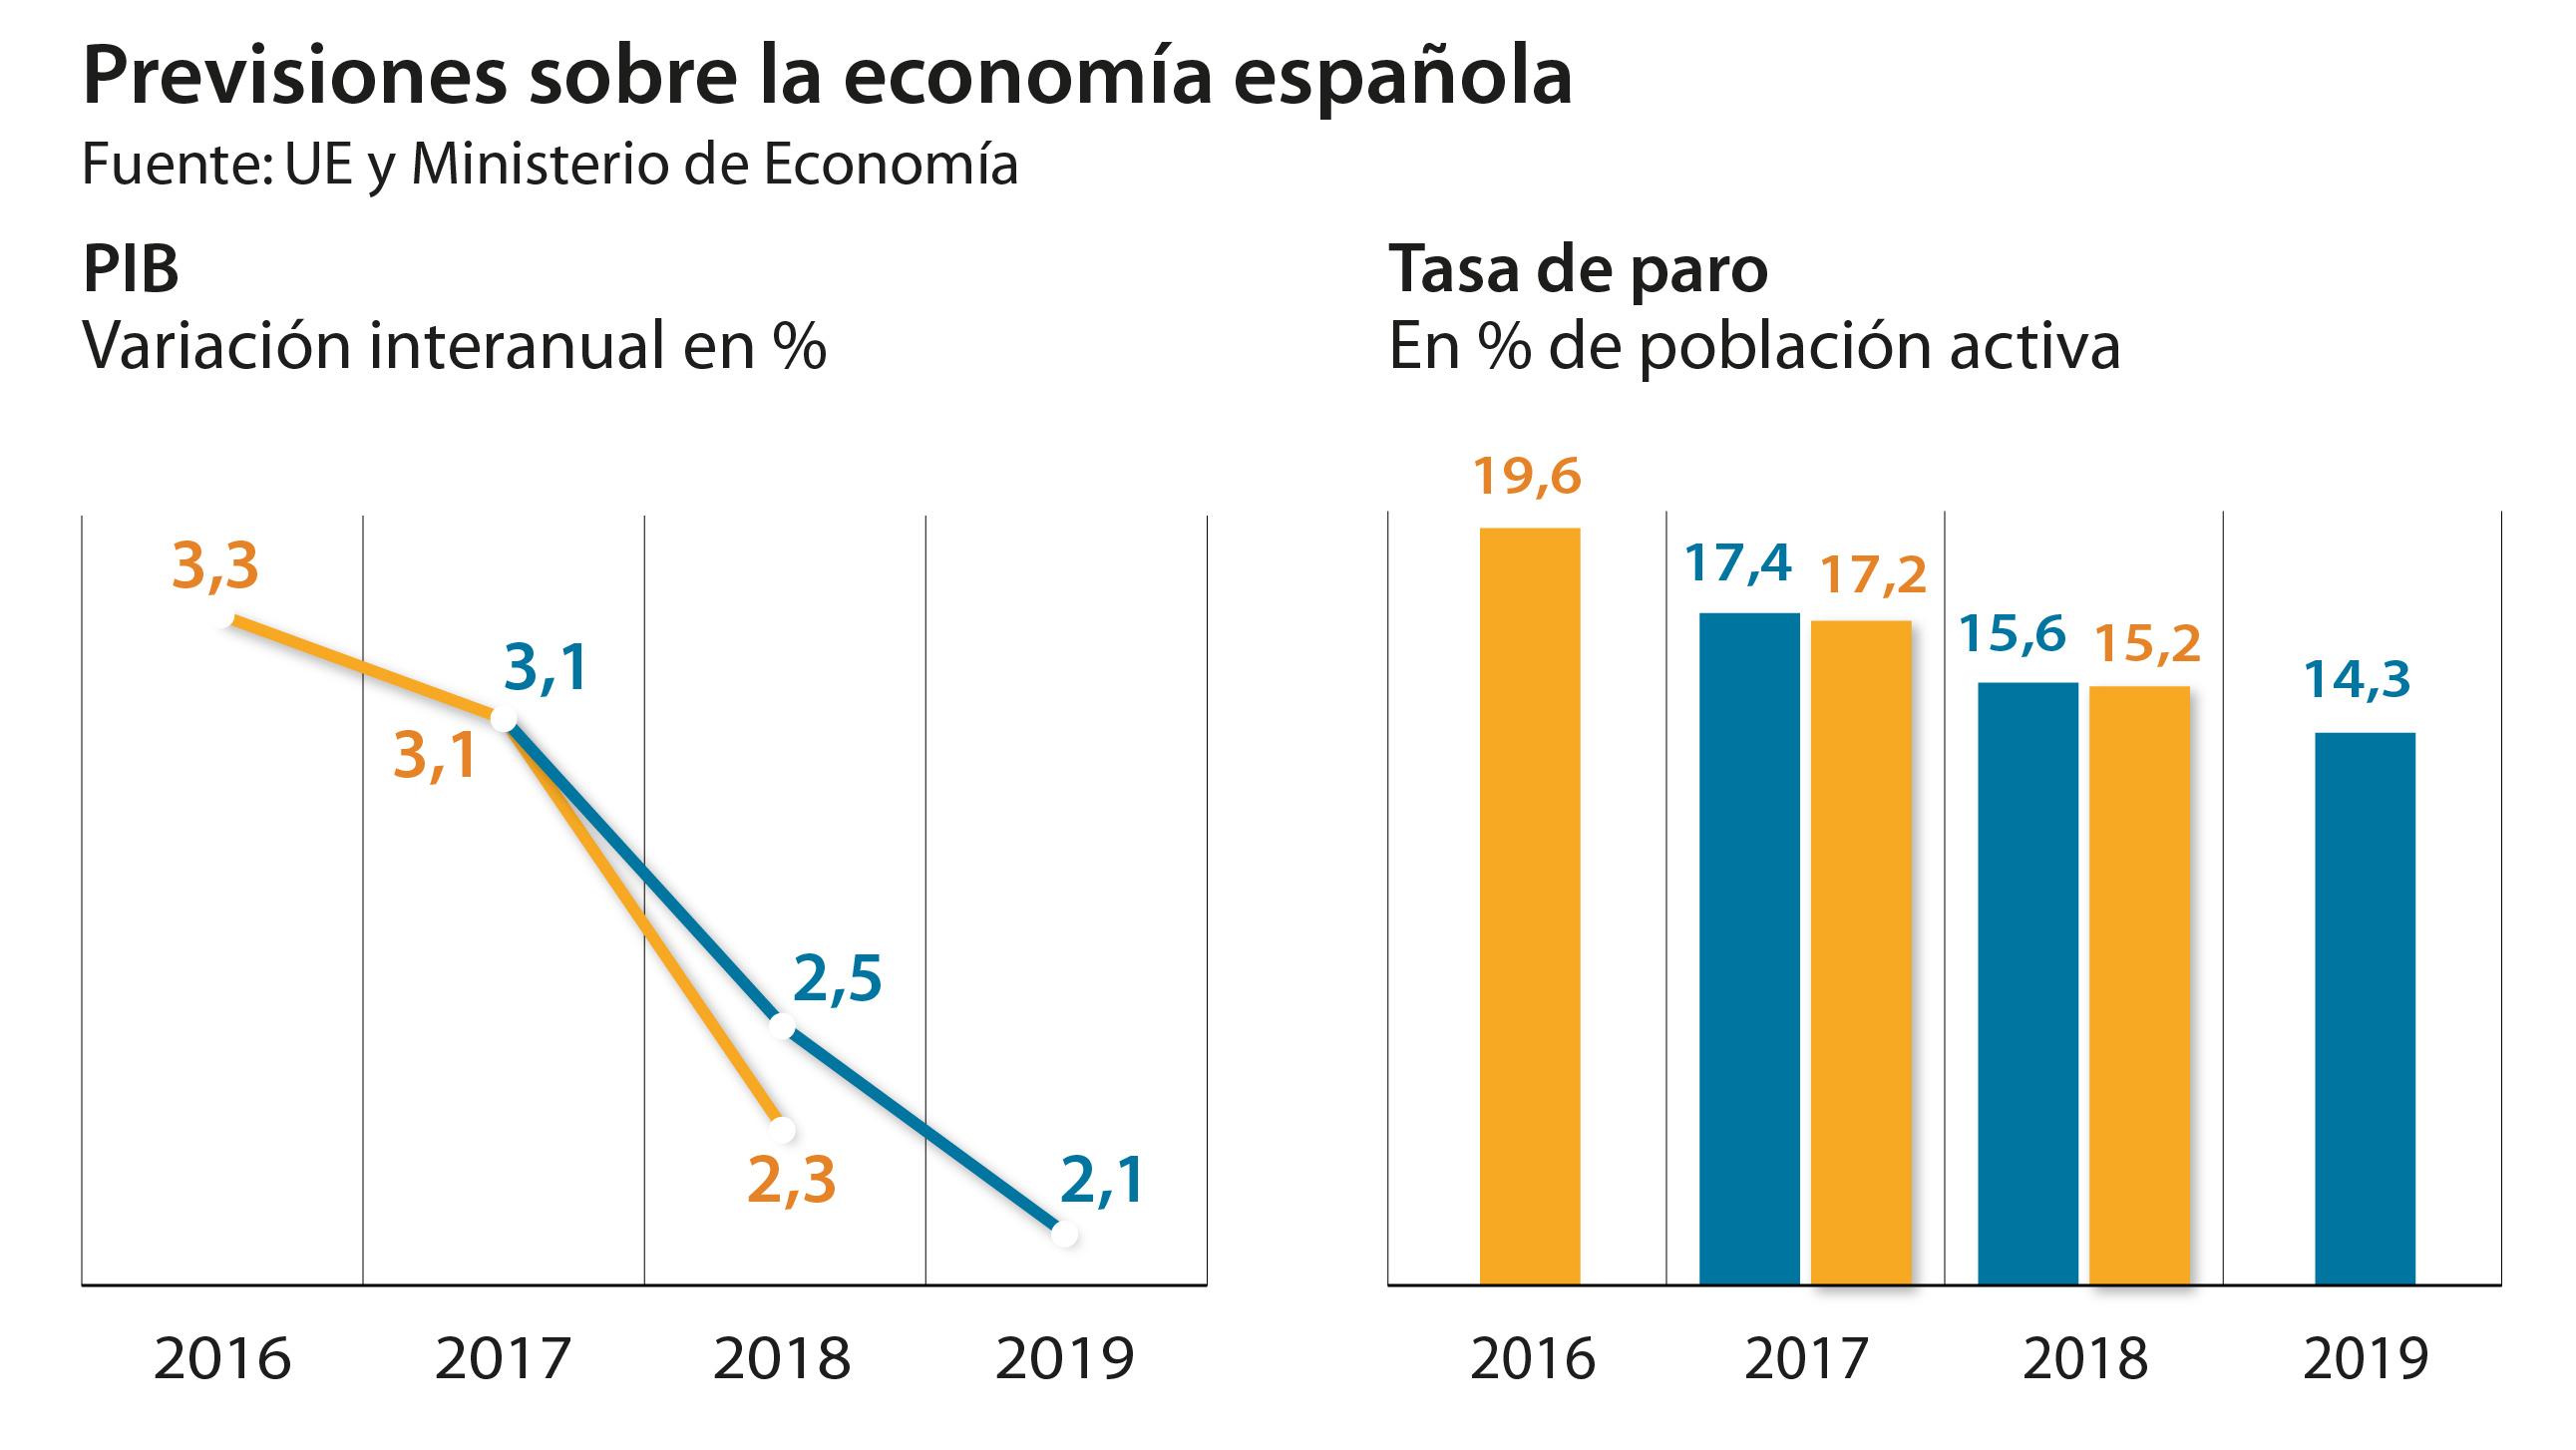 Previsiones sobre la economía española